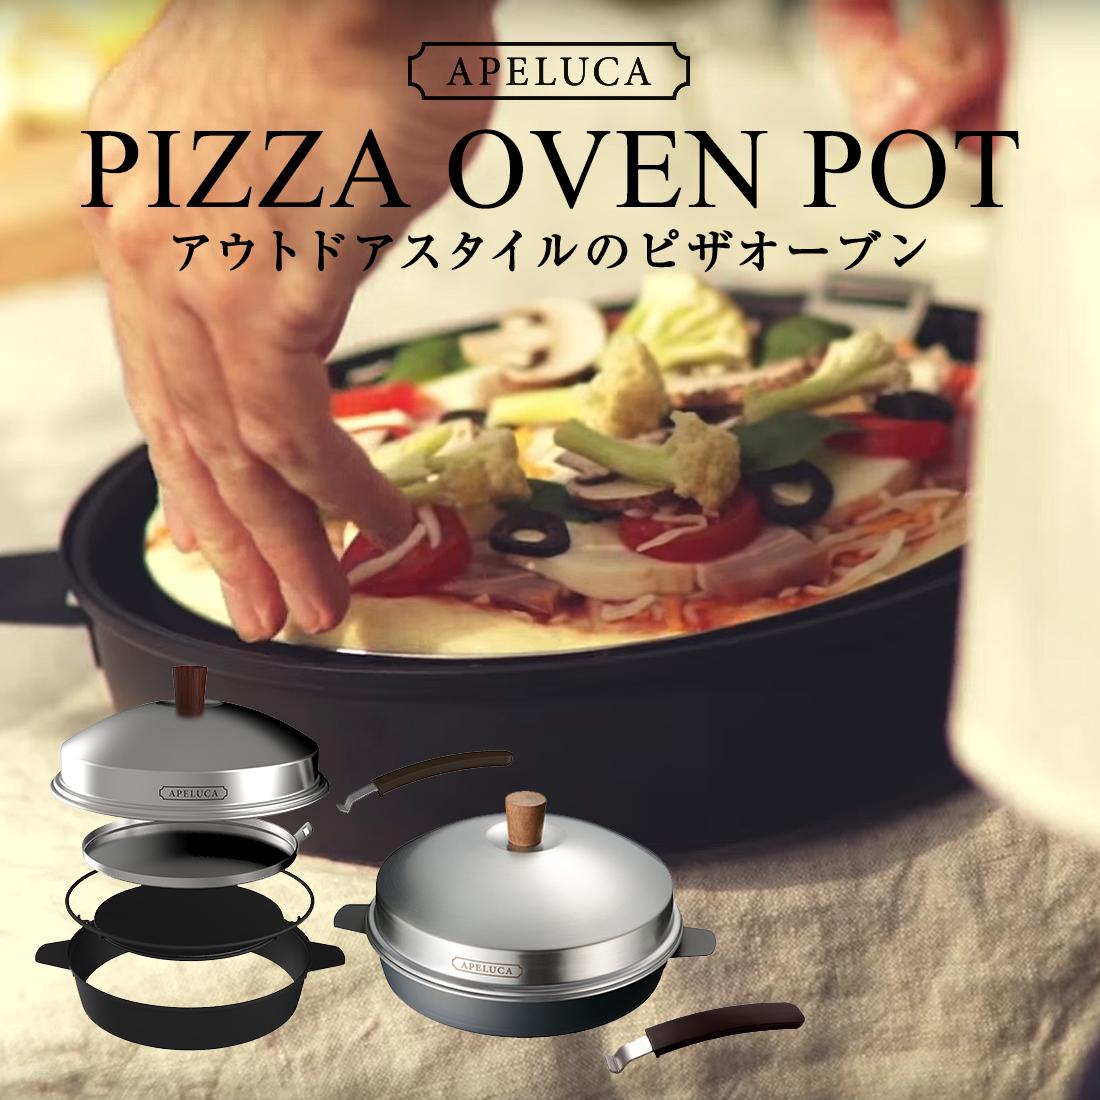 【APELUCA/アペルカ】 PIZZA OVEN POT ピザオーブンポットピザ オーブン キッチン 調理器具 アウトドア コンビニ受取対応